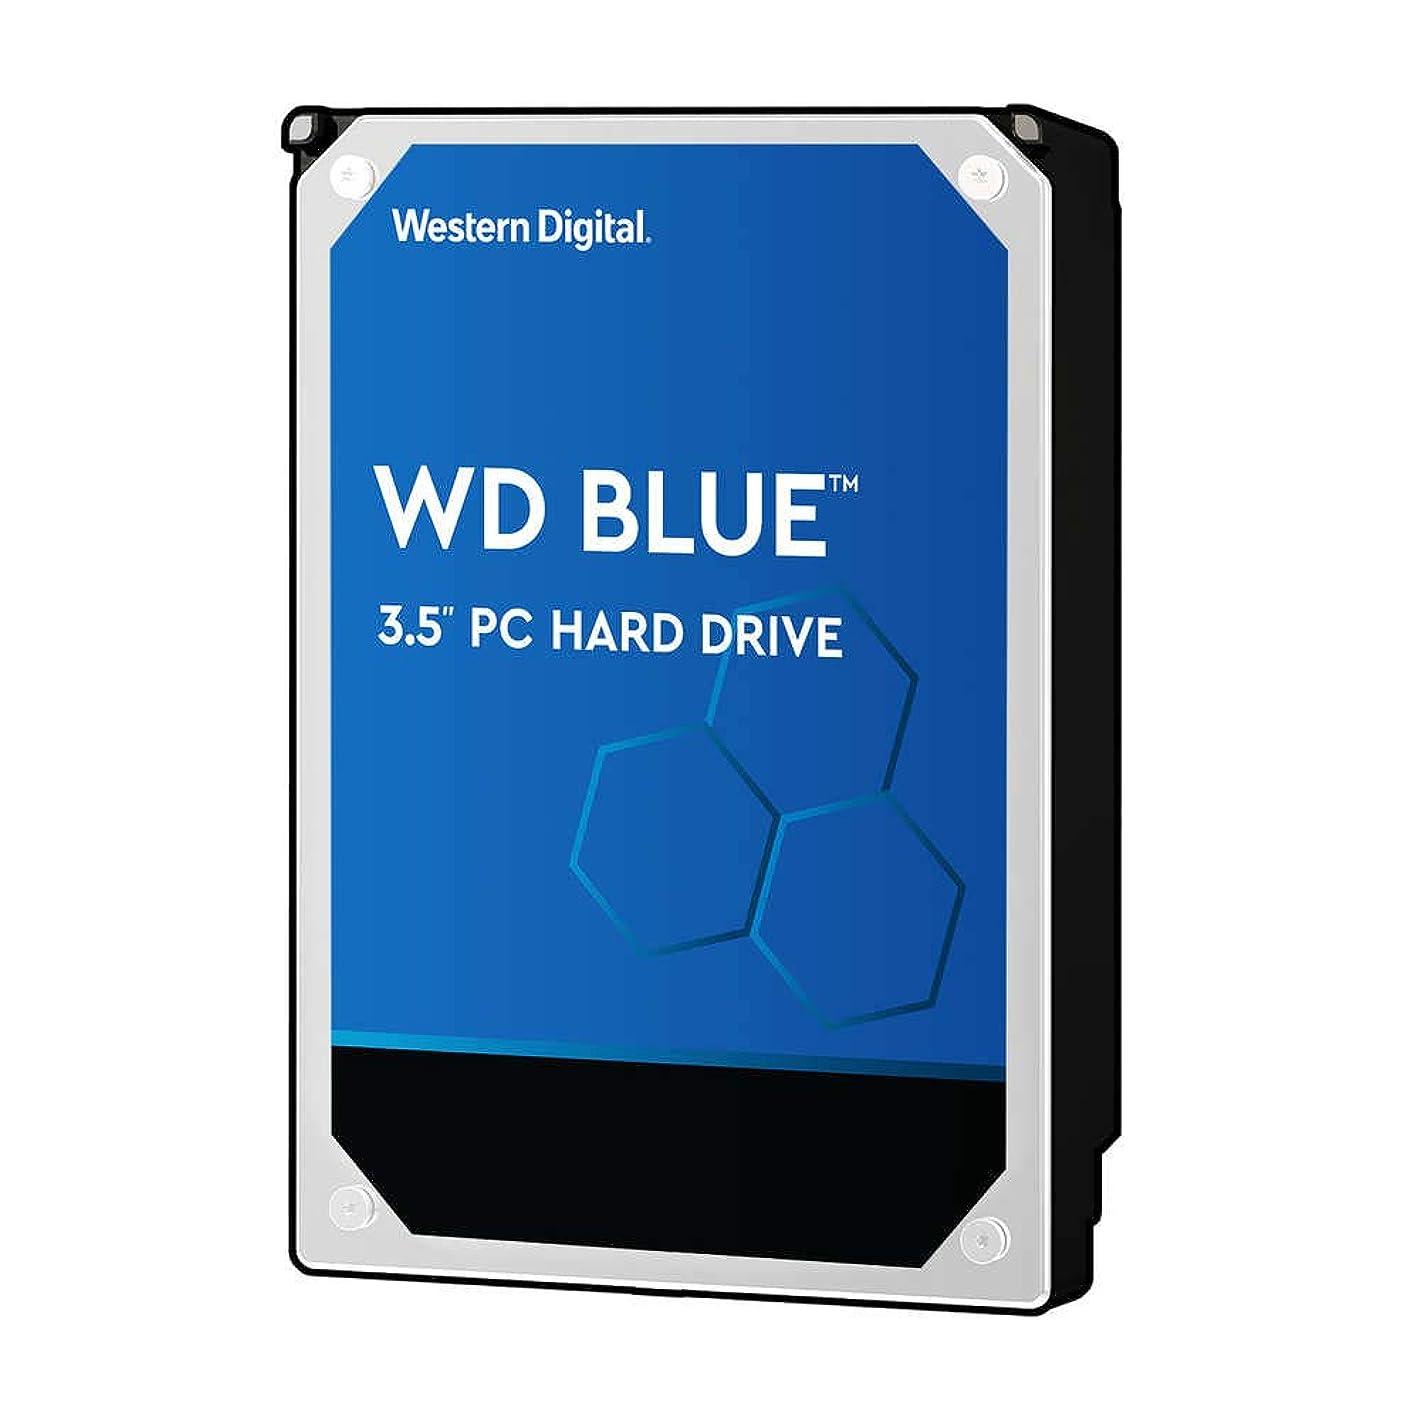 ペインボートしたい玄人志向 HDDスタンド USB3.0接続 KURO-DACHI/CLONE/U3 パソコンなしでHDDのまるごとコピー機能付き